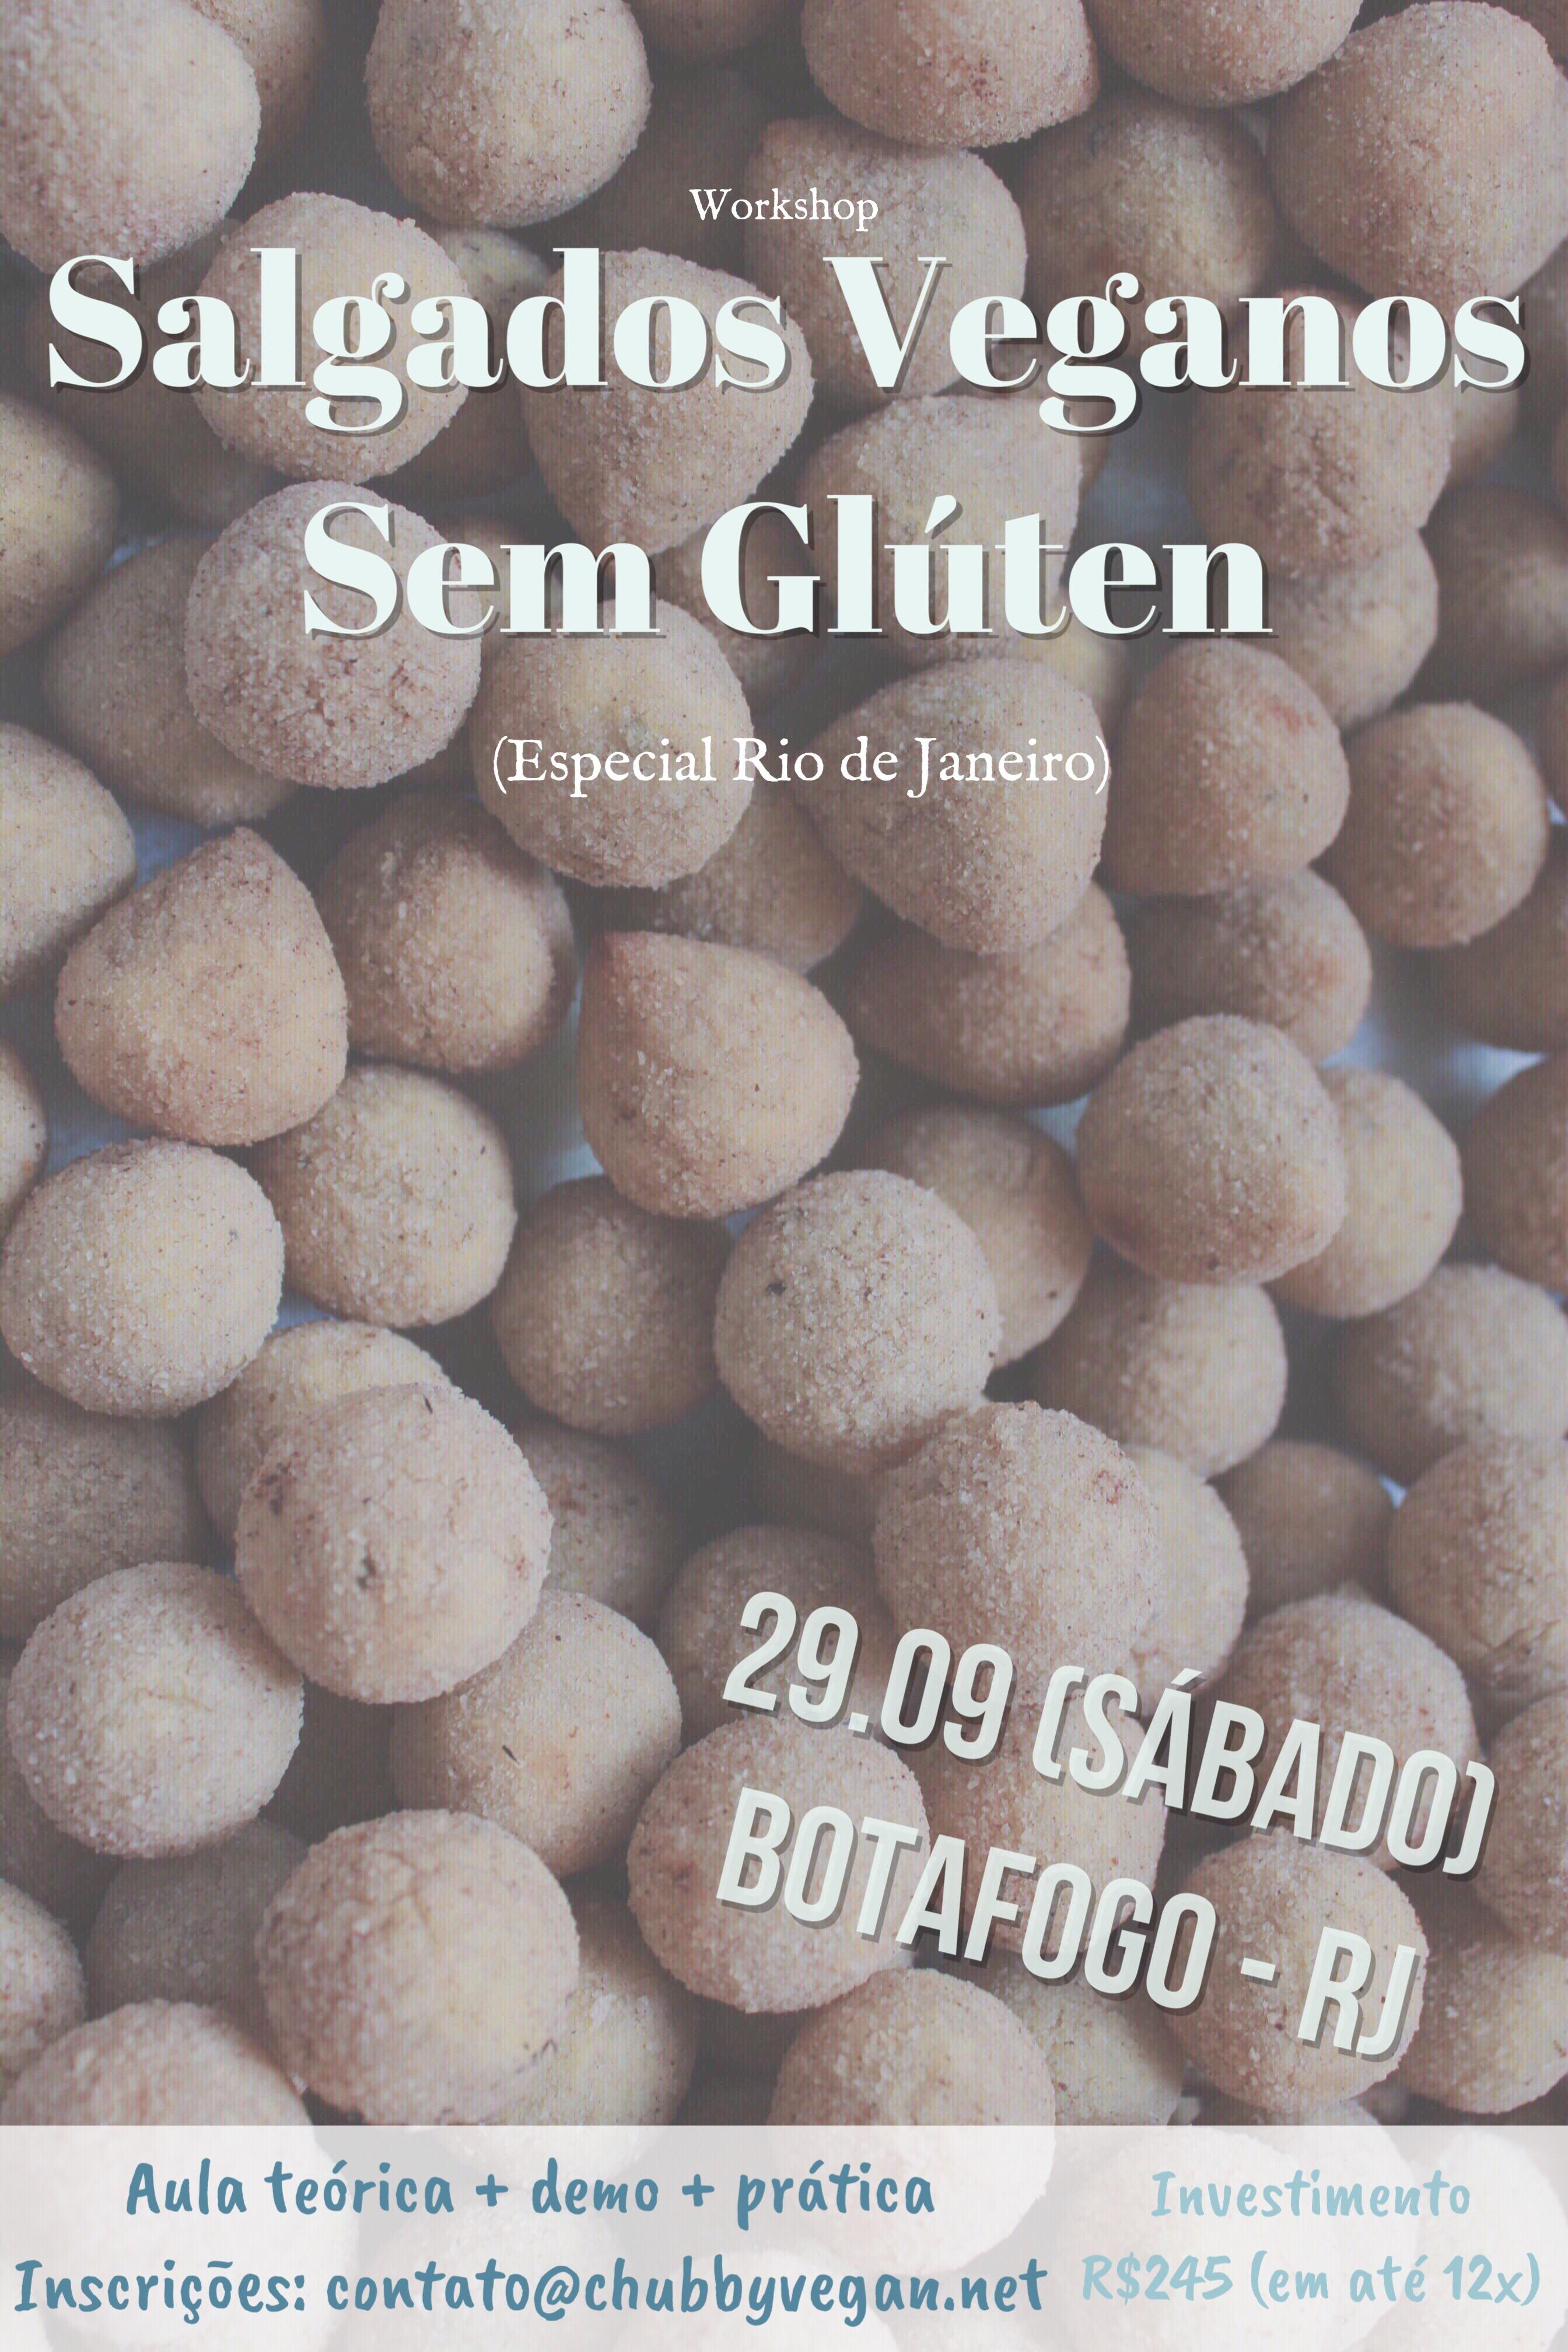 Workshop - Salgados Veganos sem glúten RJ